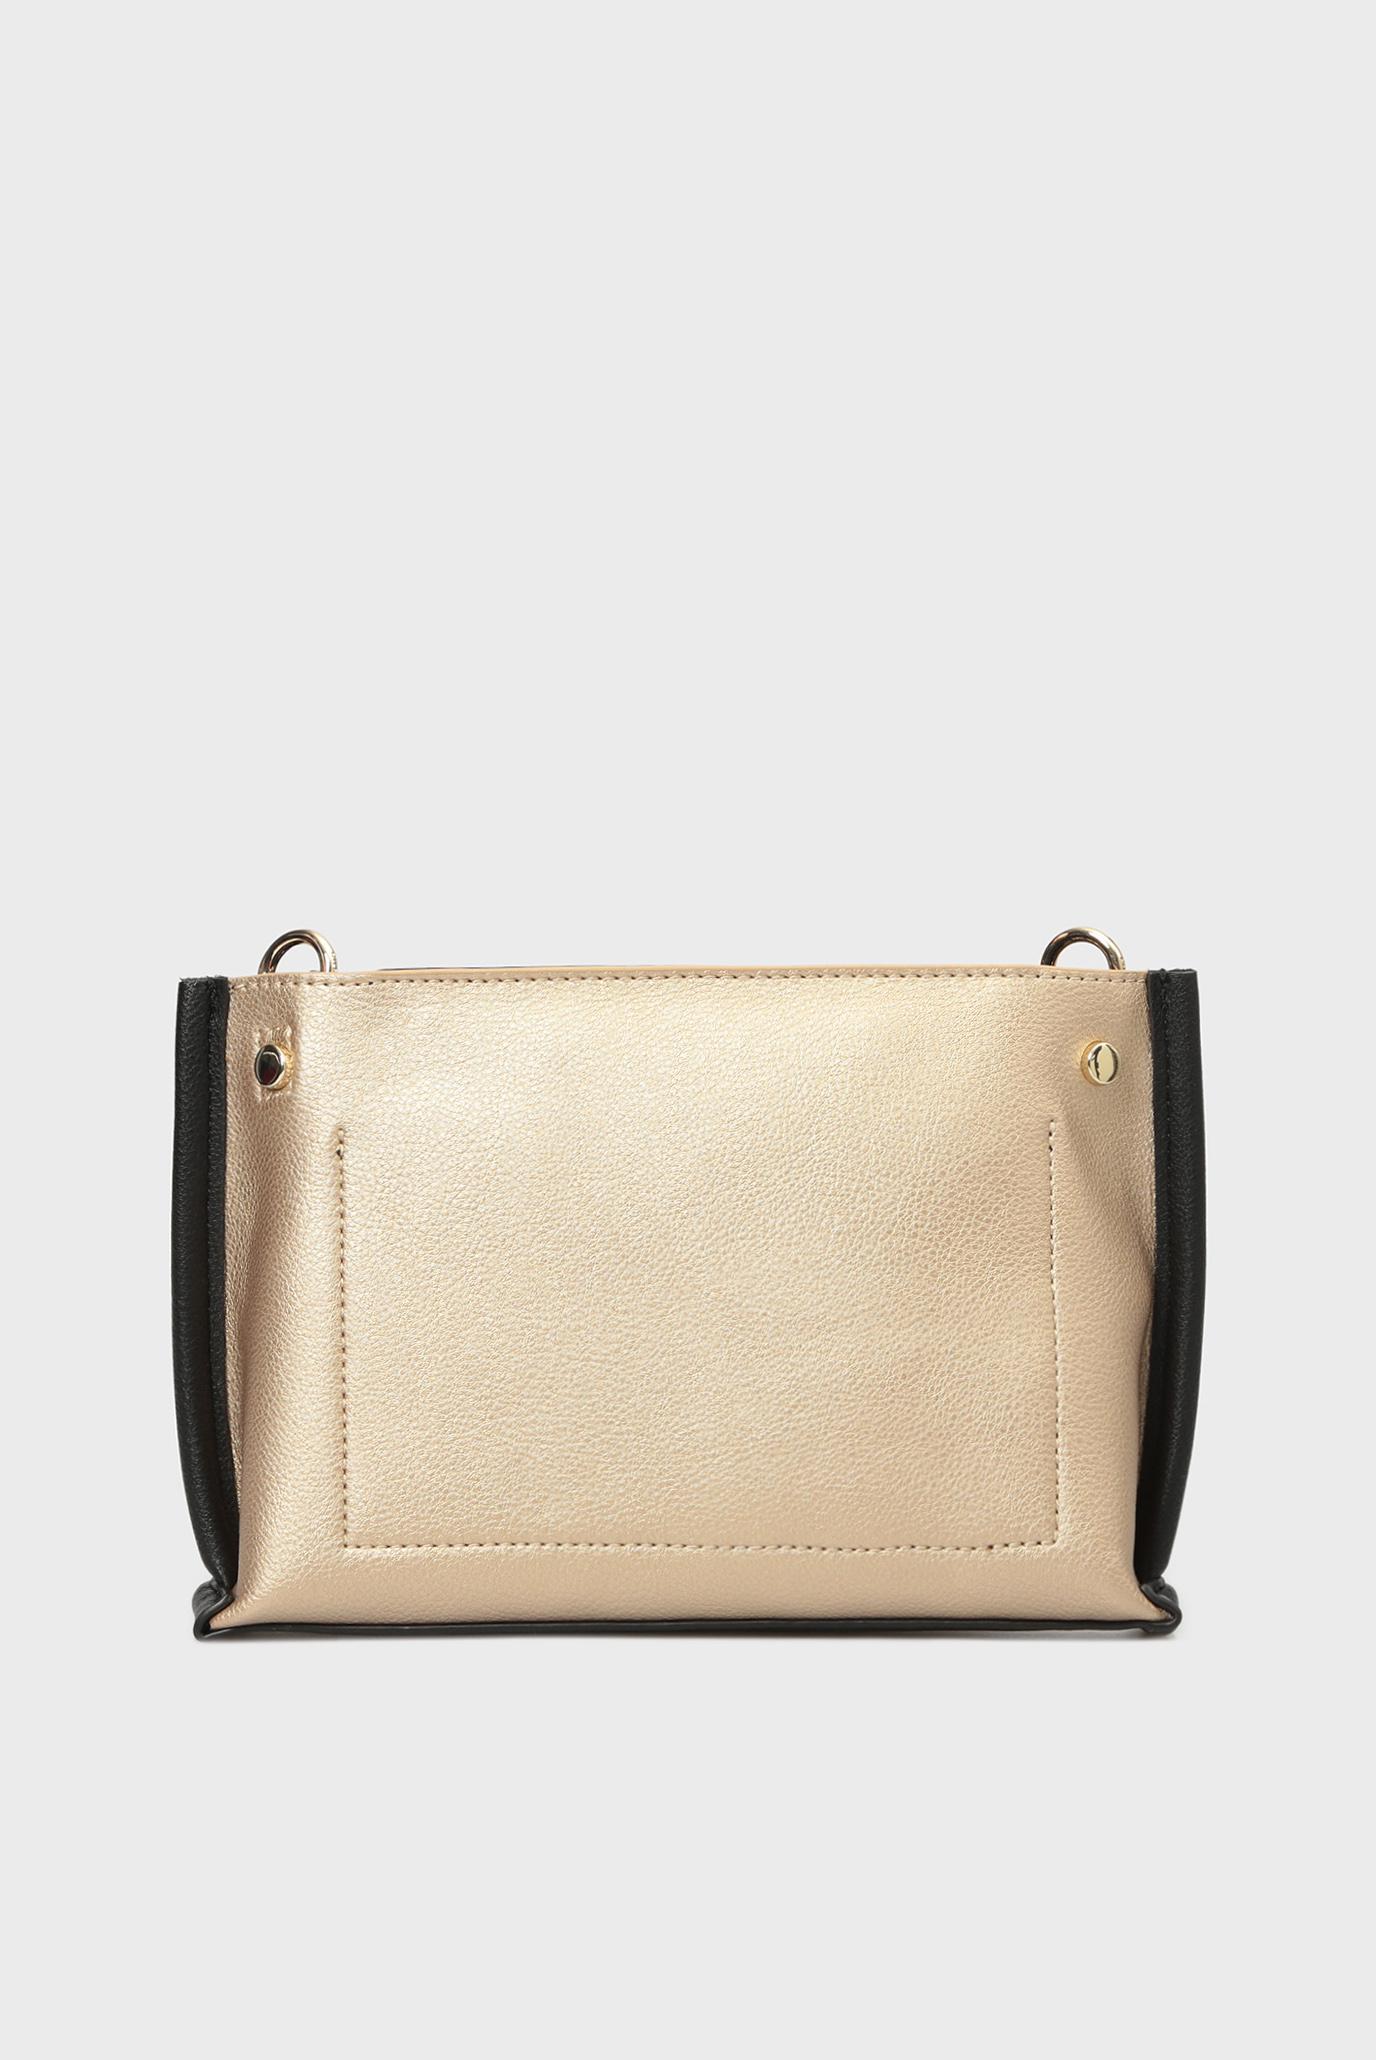 Купить Женская золотистая сумка через плечо TOMMY CHAIN CROSSOVER Tommy Hilfiger Tommy Hilfiger AW0AW05812 – Киев, Украина. Цены в интернет магазине MD Fashion